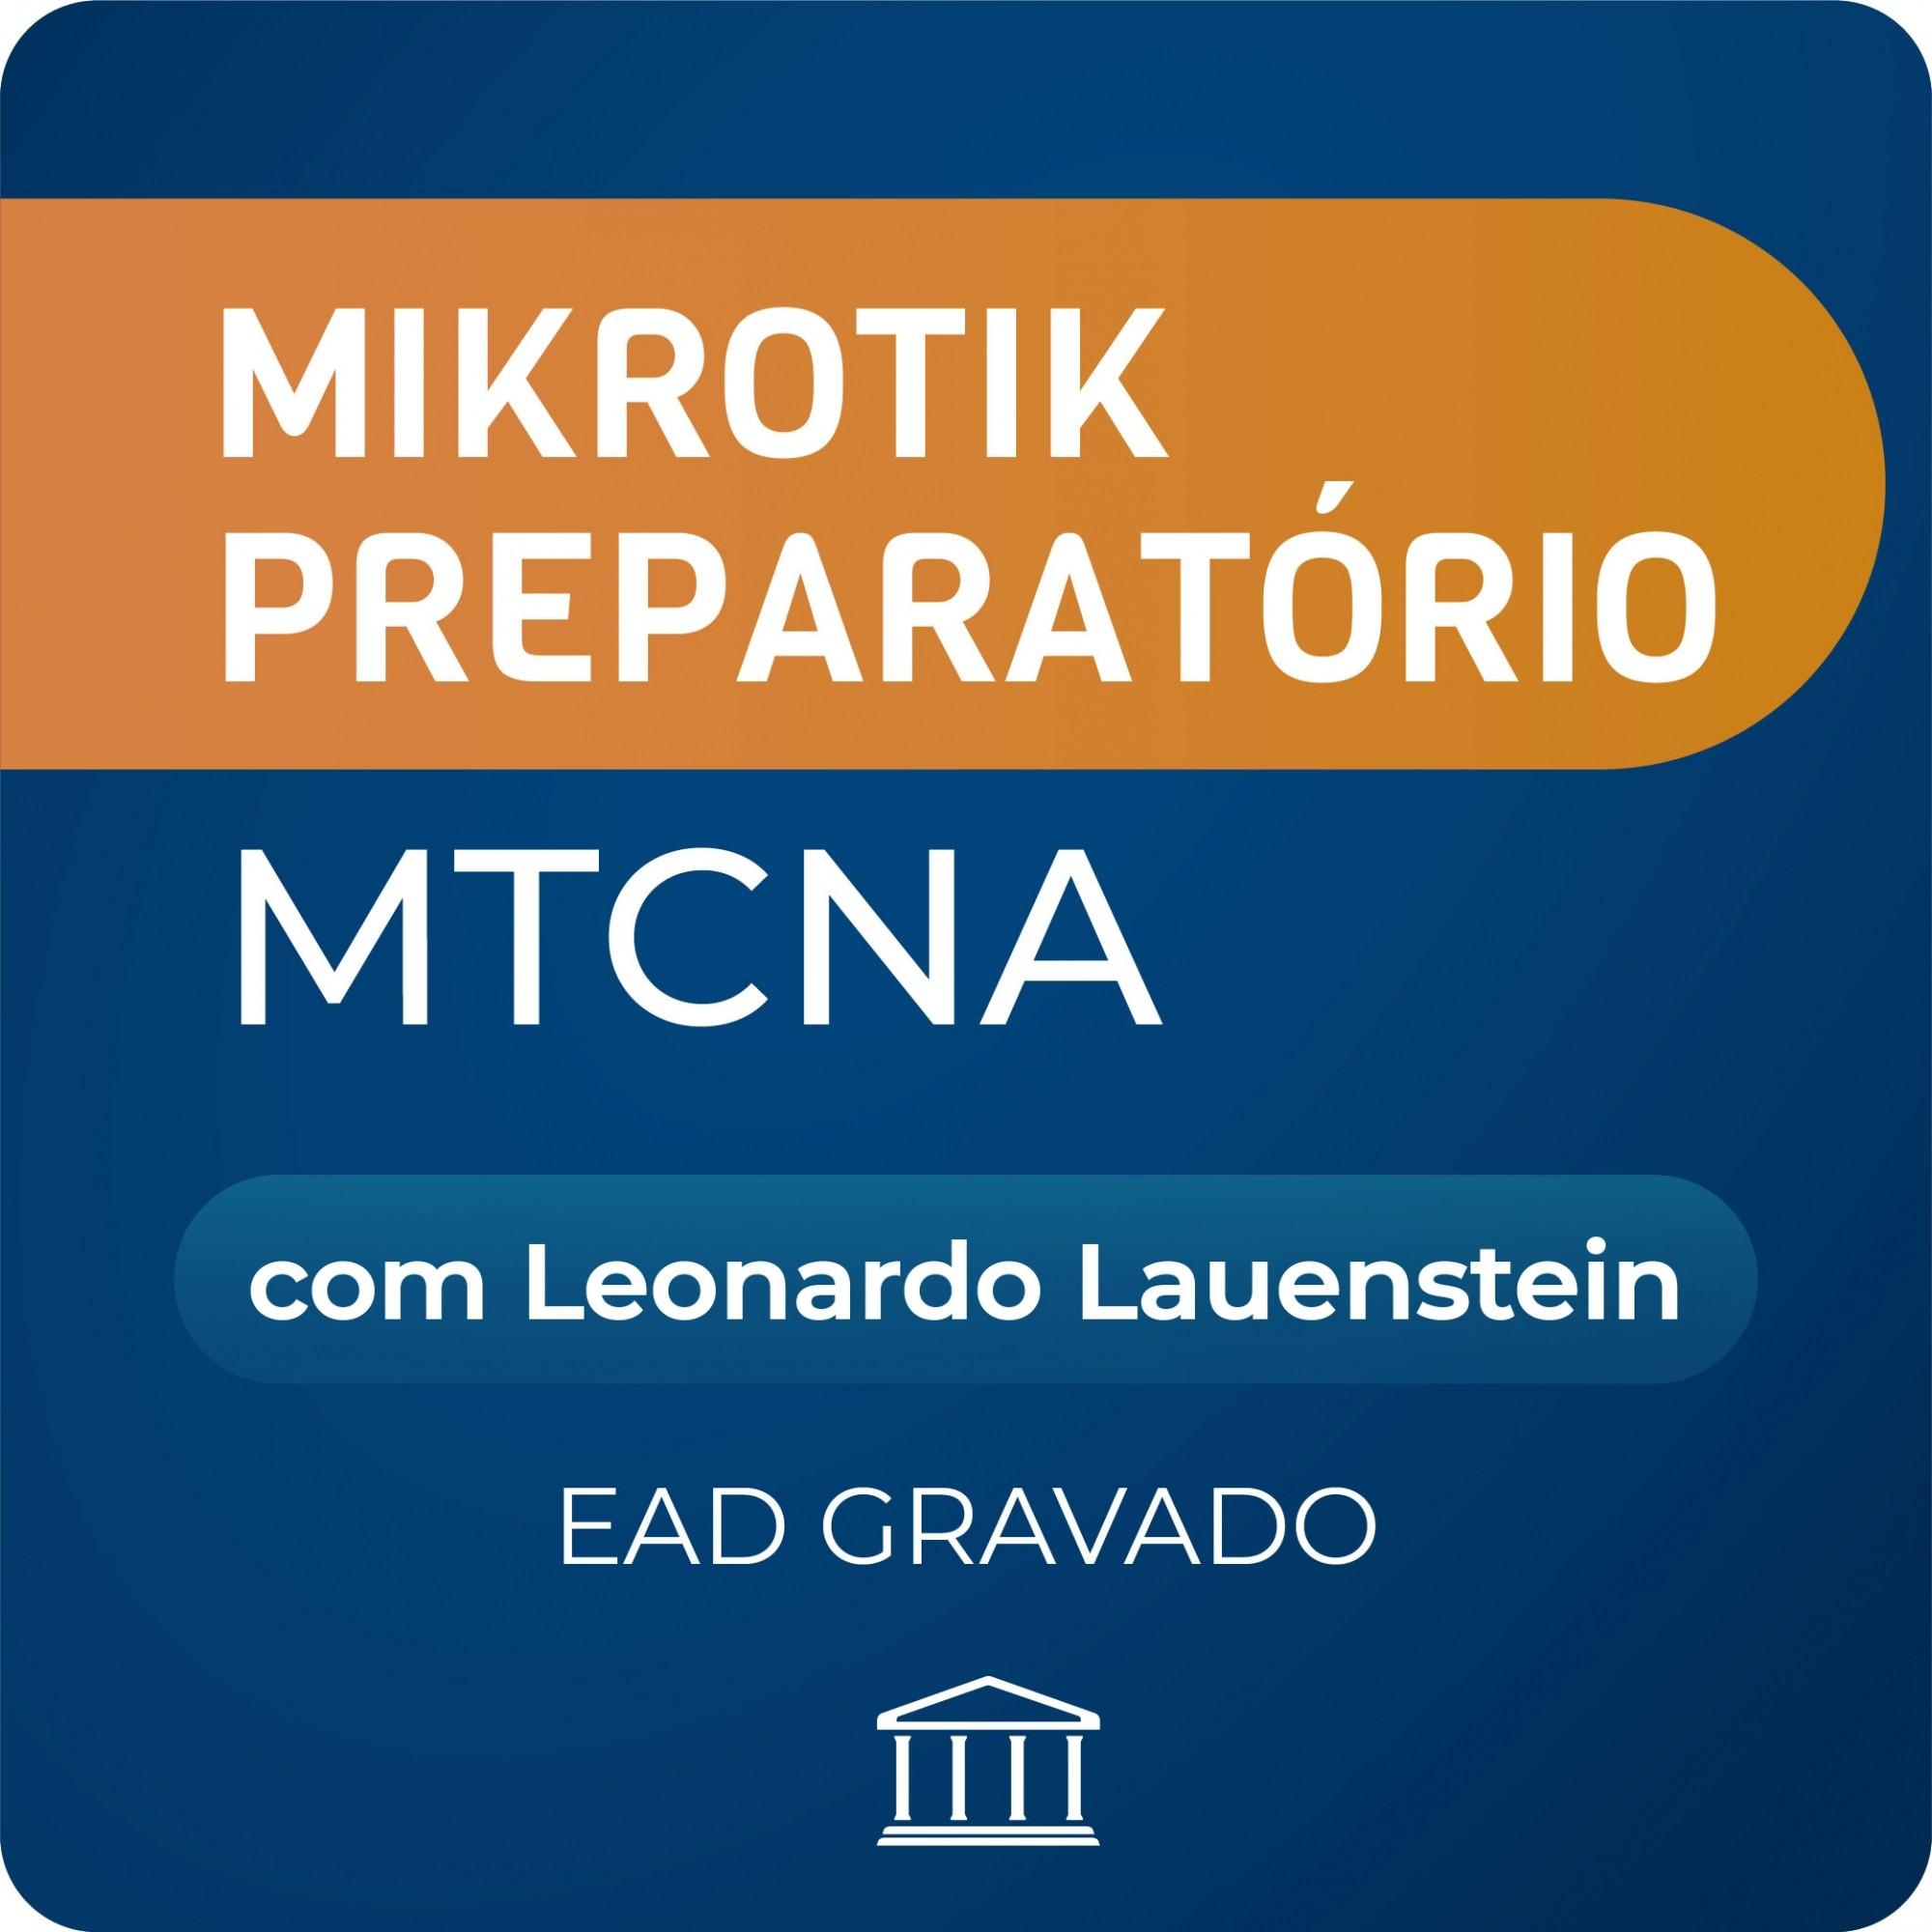 Mikrotik Preparatório MTCNA com Leonardo Lauenstein - GRAVADO  - Voz e Dados Academy